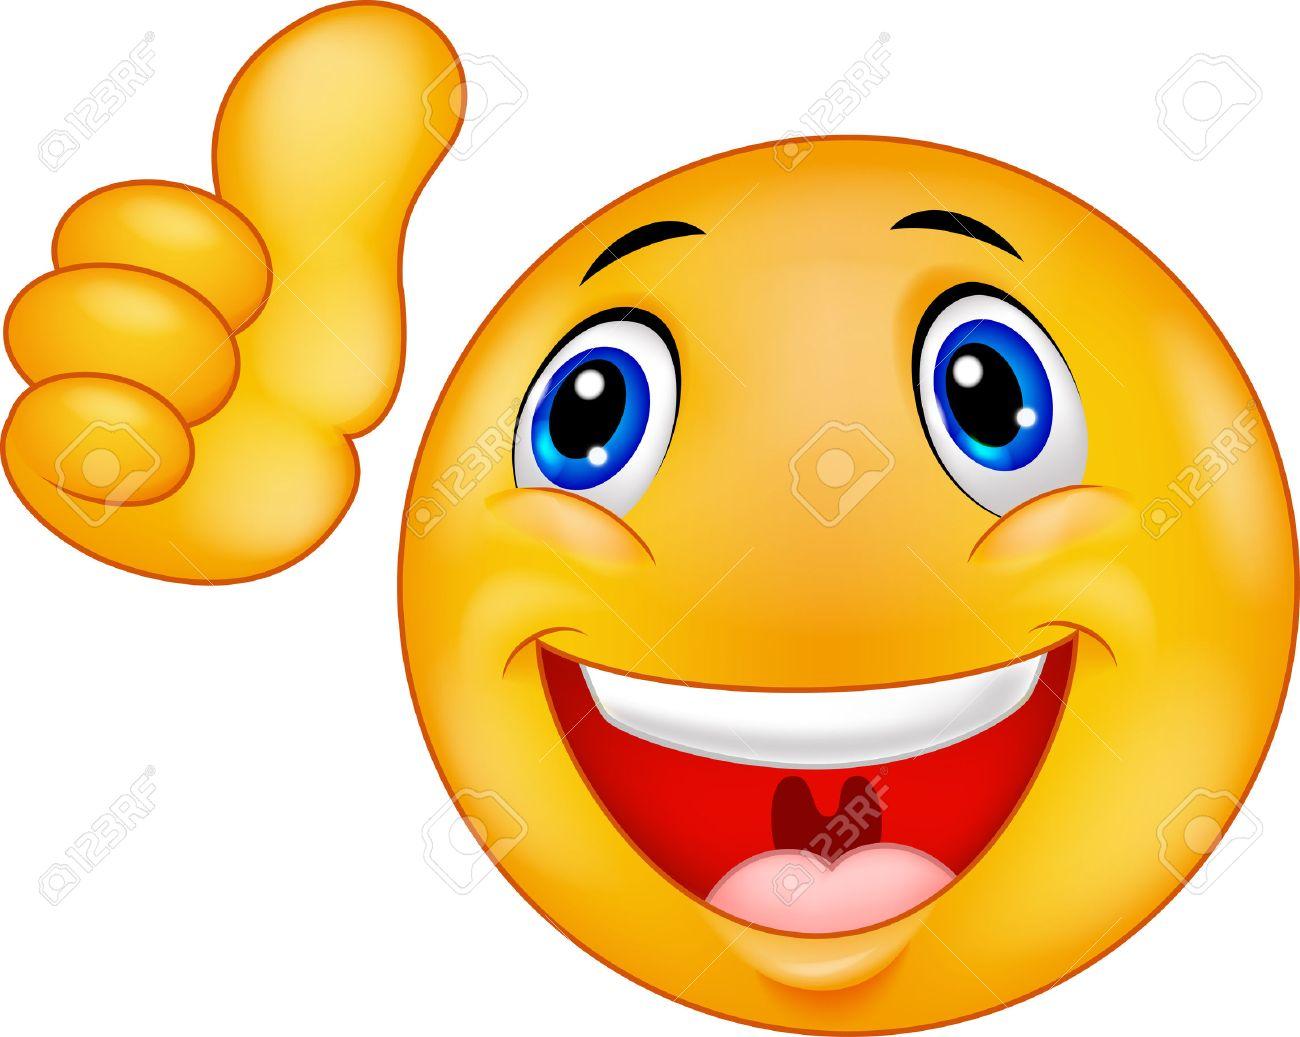 Happy Smiley Emoticon Face cartoon - 33887325